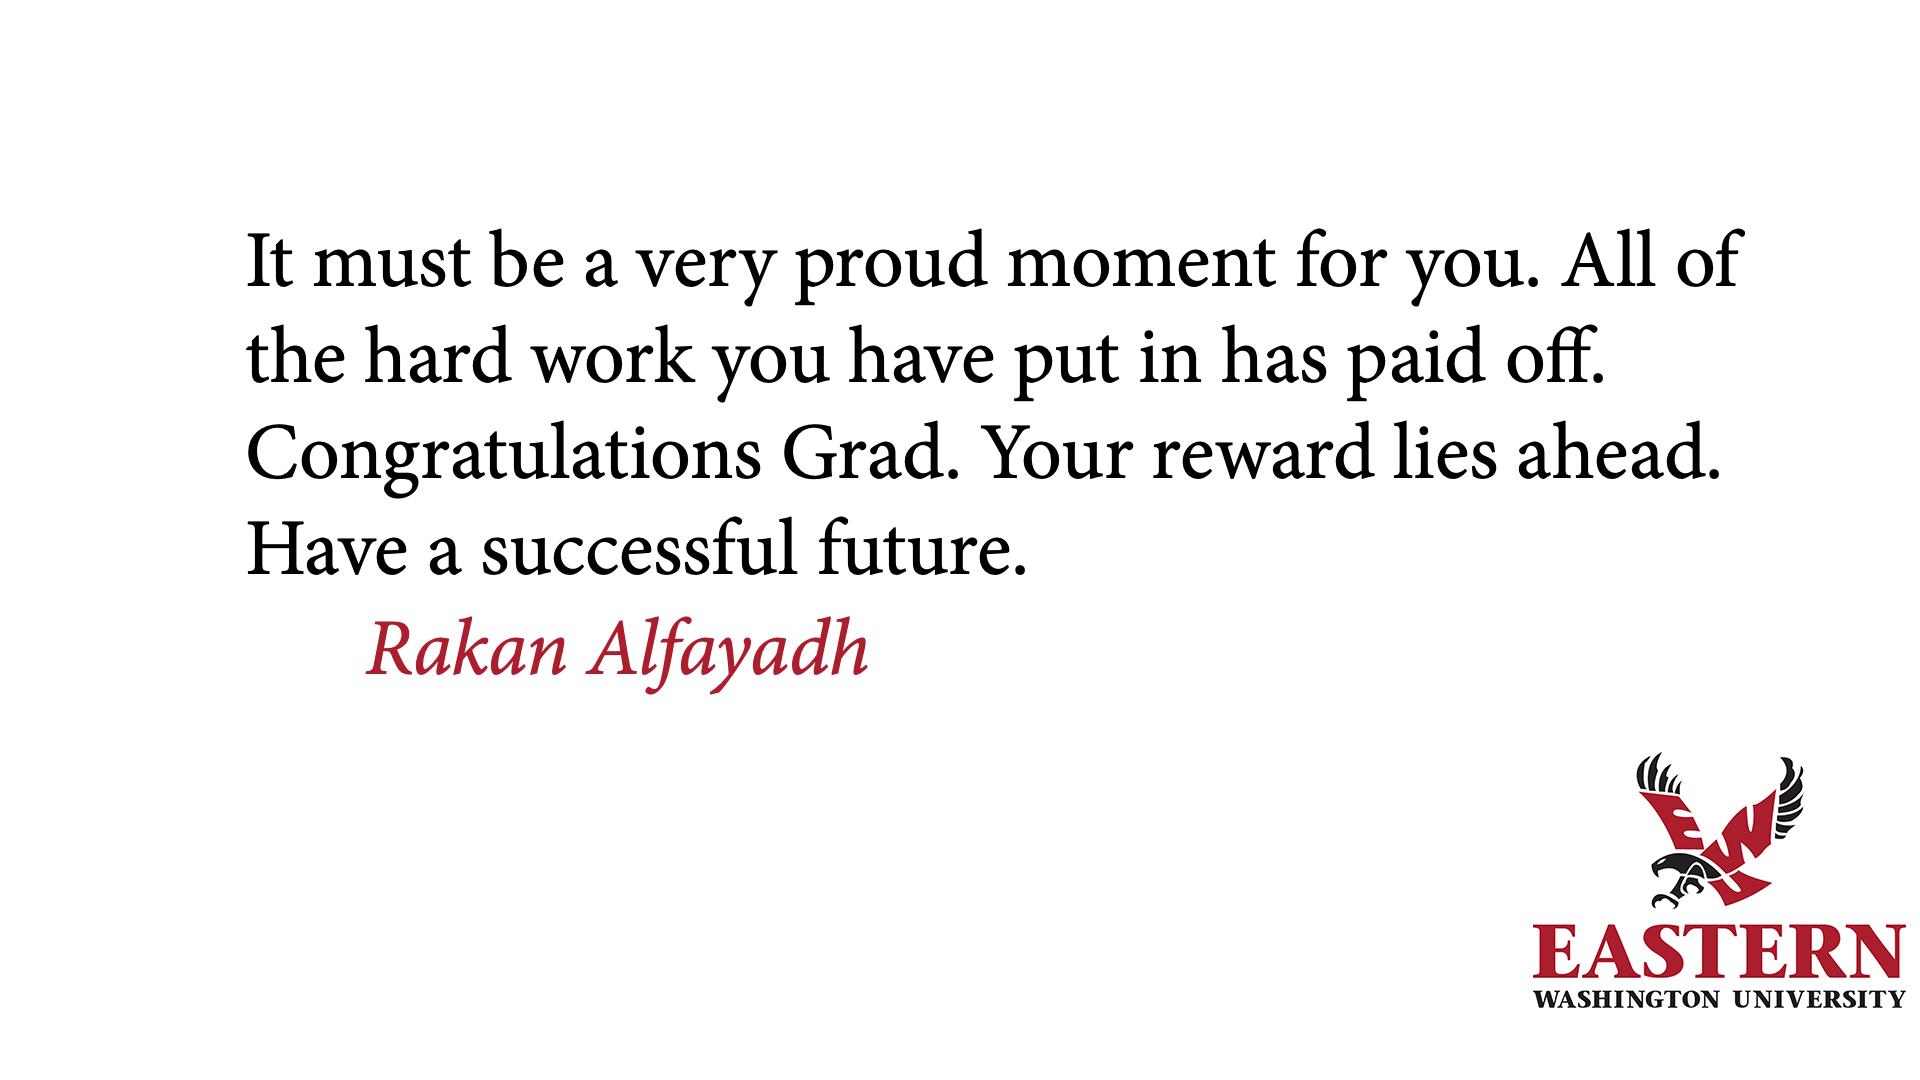 tbi_abdulrahman-abdullah-a_3693.png